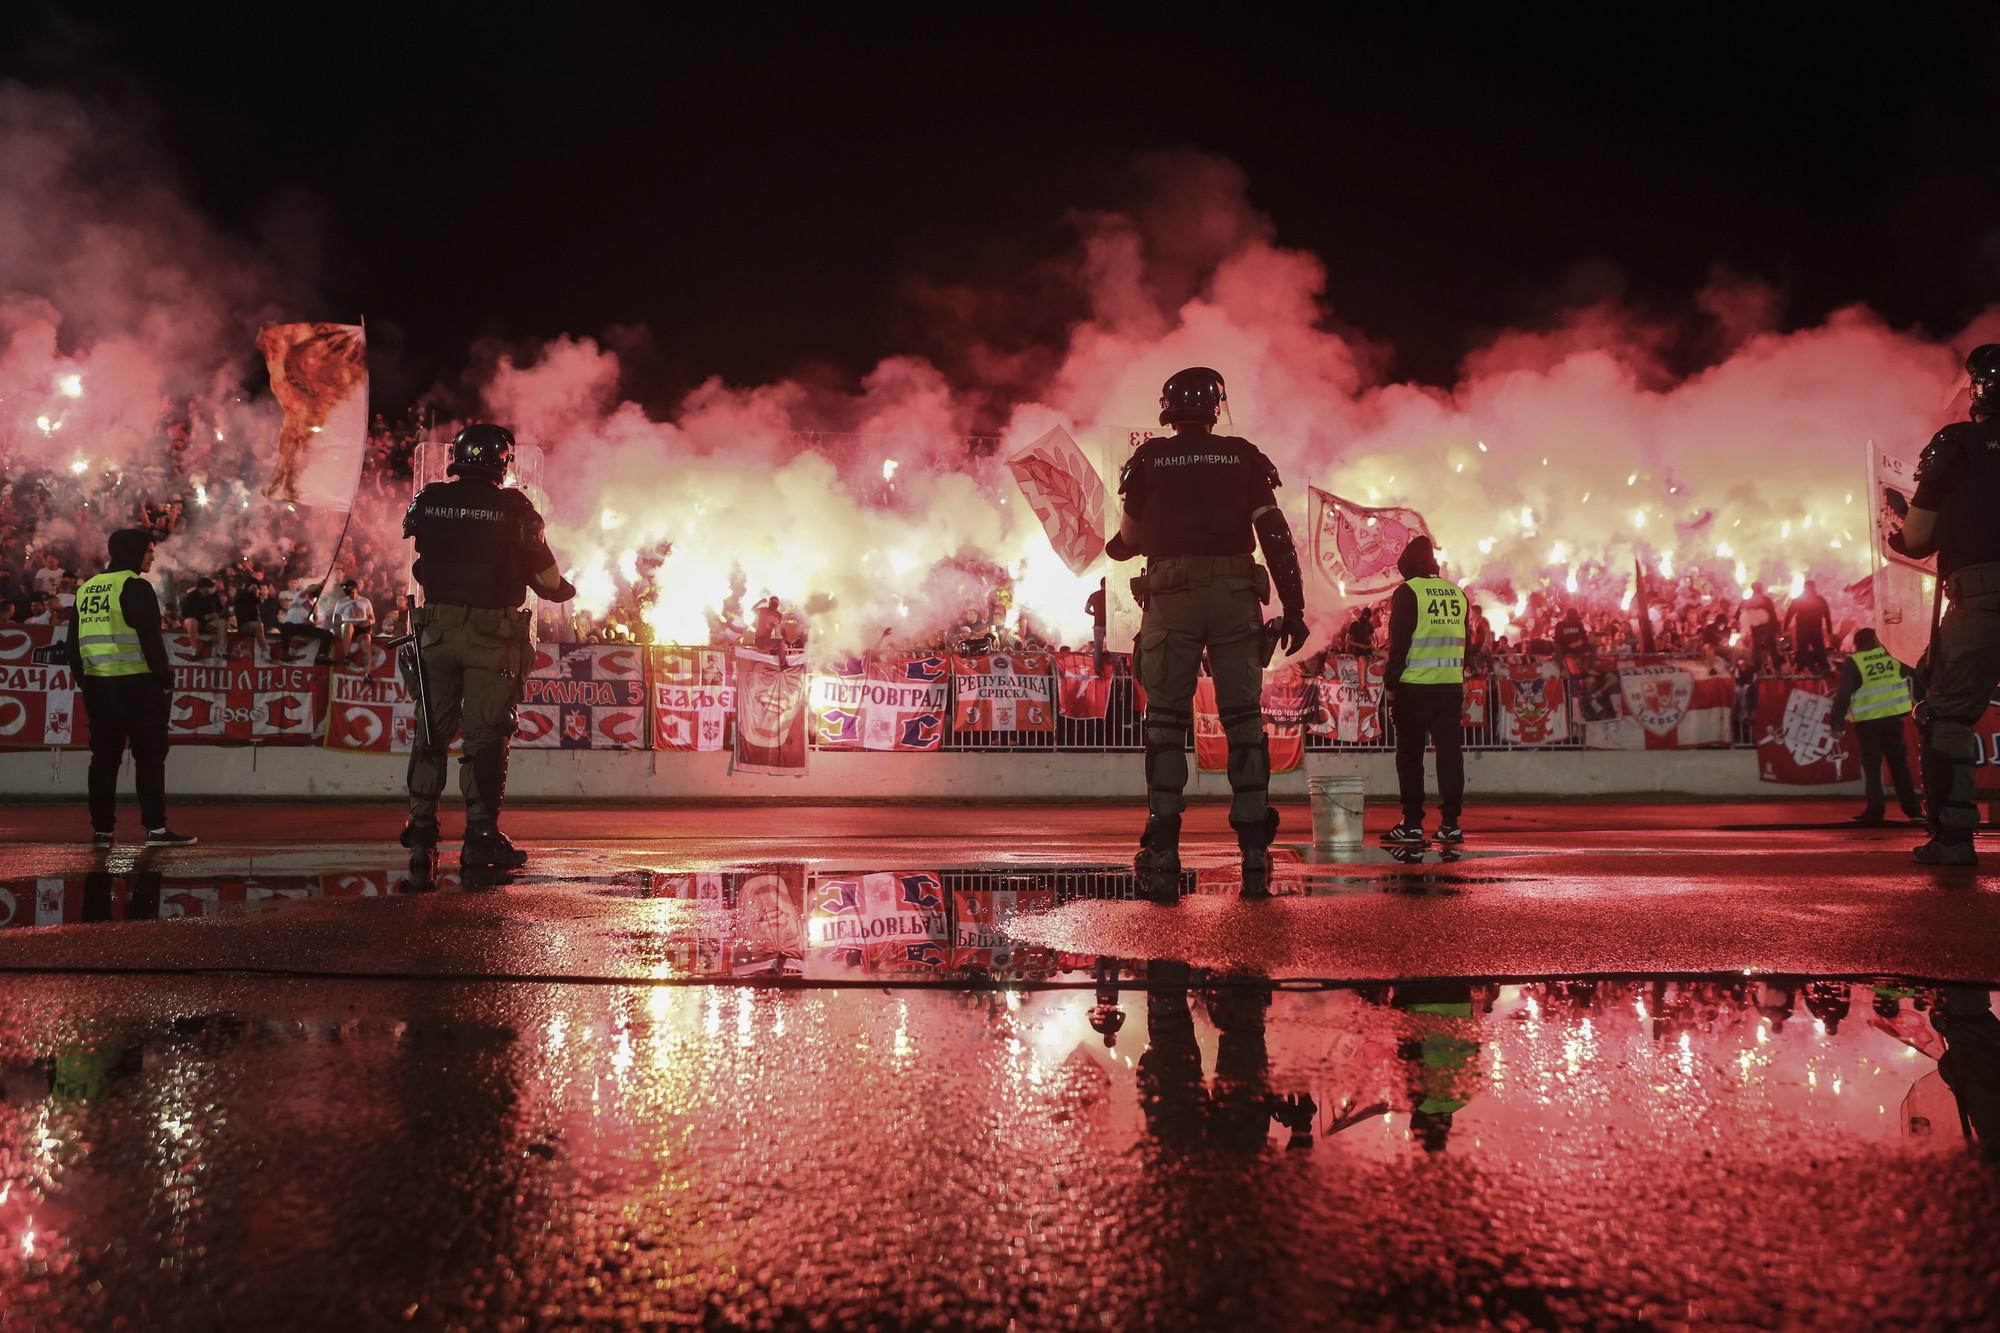 Il 200&deg; derby di Belgrado tra Partizan e Stella Rossa &egrave; andato in scena a porte aperte e con la consueta cornice di pubblico infuocata (20mila spettatori) e fumogeni. Al punto che la partita &egrave;&nbsp;stata sospesa al 32&#39; per l&#39;impossibilita&#39; a proseguire. Totalmente disatteso il distanziamento sociale nonostante lo scorso 27 maggio l&#39;Unit&agrave;&nbsp;di crisi sanitaria di Belgrado abbia stabilito che dal 1&deg; giugno saranno consentiti gli eventi sportivi all&#39;aperto con la presenza del pubblico, a condizione che gli spettatori siano a una distanza di almeno un metro l&#39;uno dall&#39;altro. Il Partizan di Savo Milosevic ha sconfitto 1-0 la Stella Rossa di Stankovic con un gol di Natcho e vola in finale di Coppa di Serbia.<br /><br />